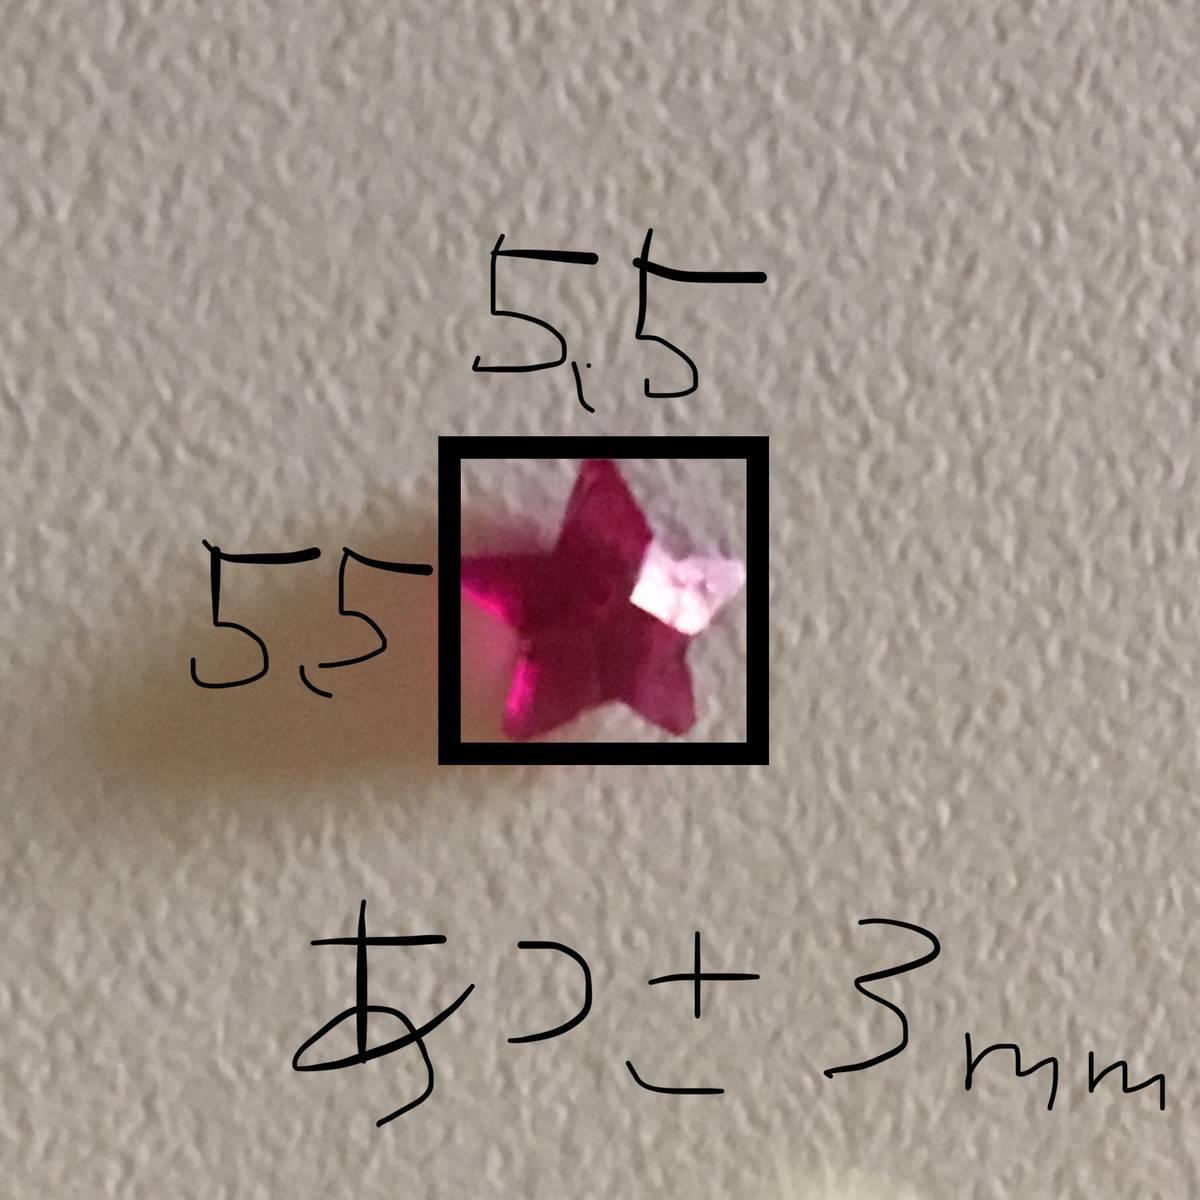 f:id:sinkypooh:20190508161806j:plain